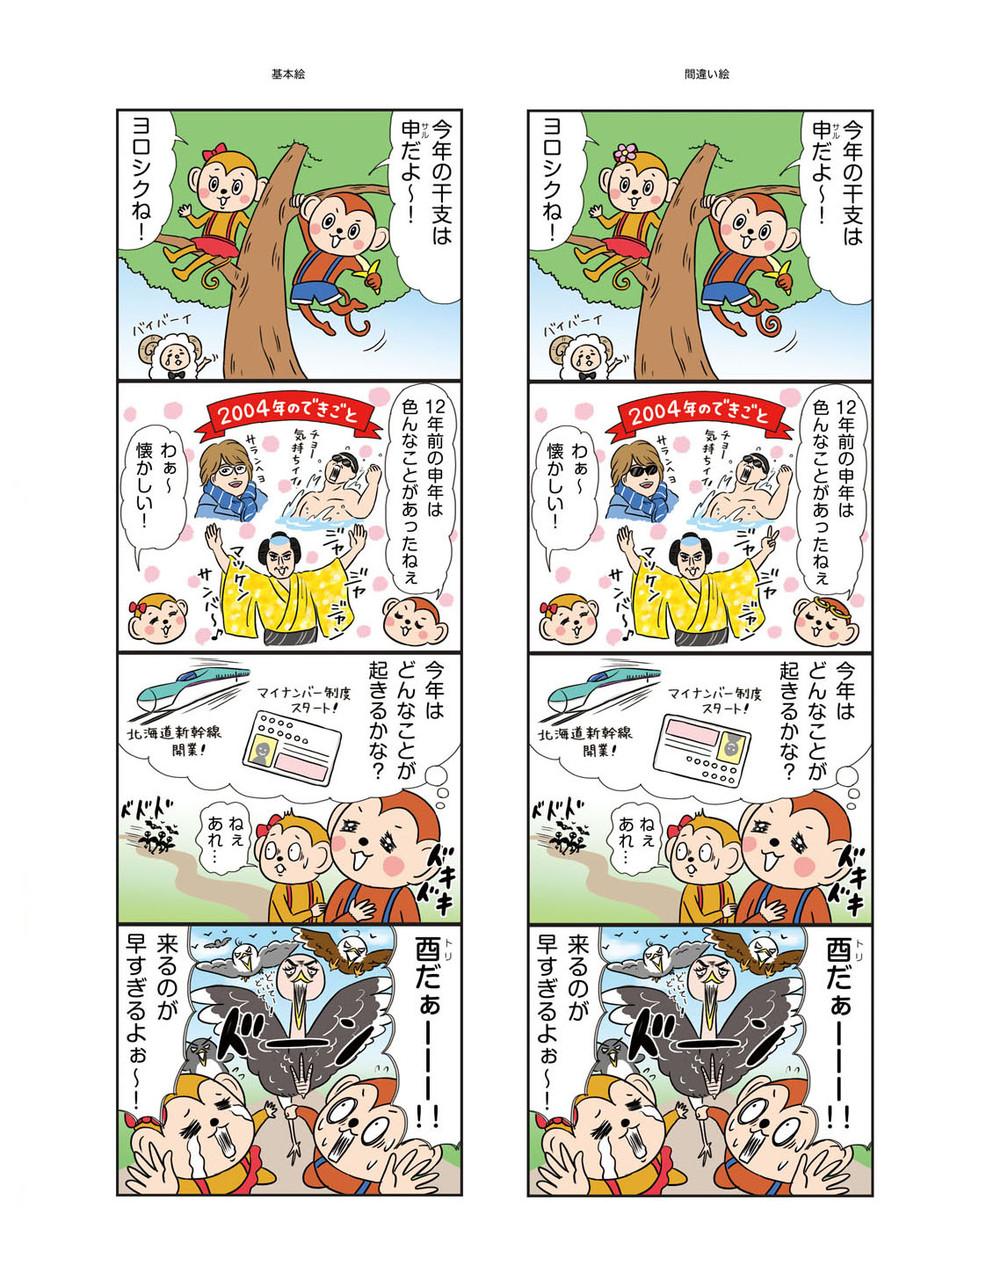 パズル専門誌「ぱぱら」 読売新聞(2016)